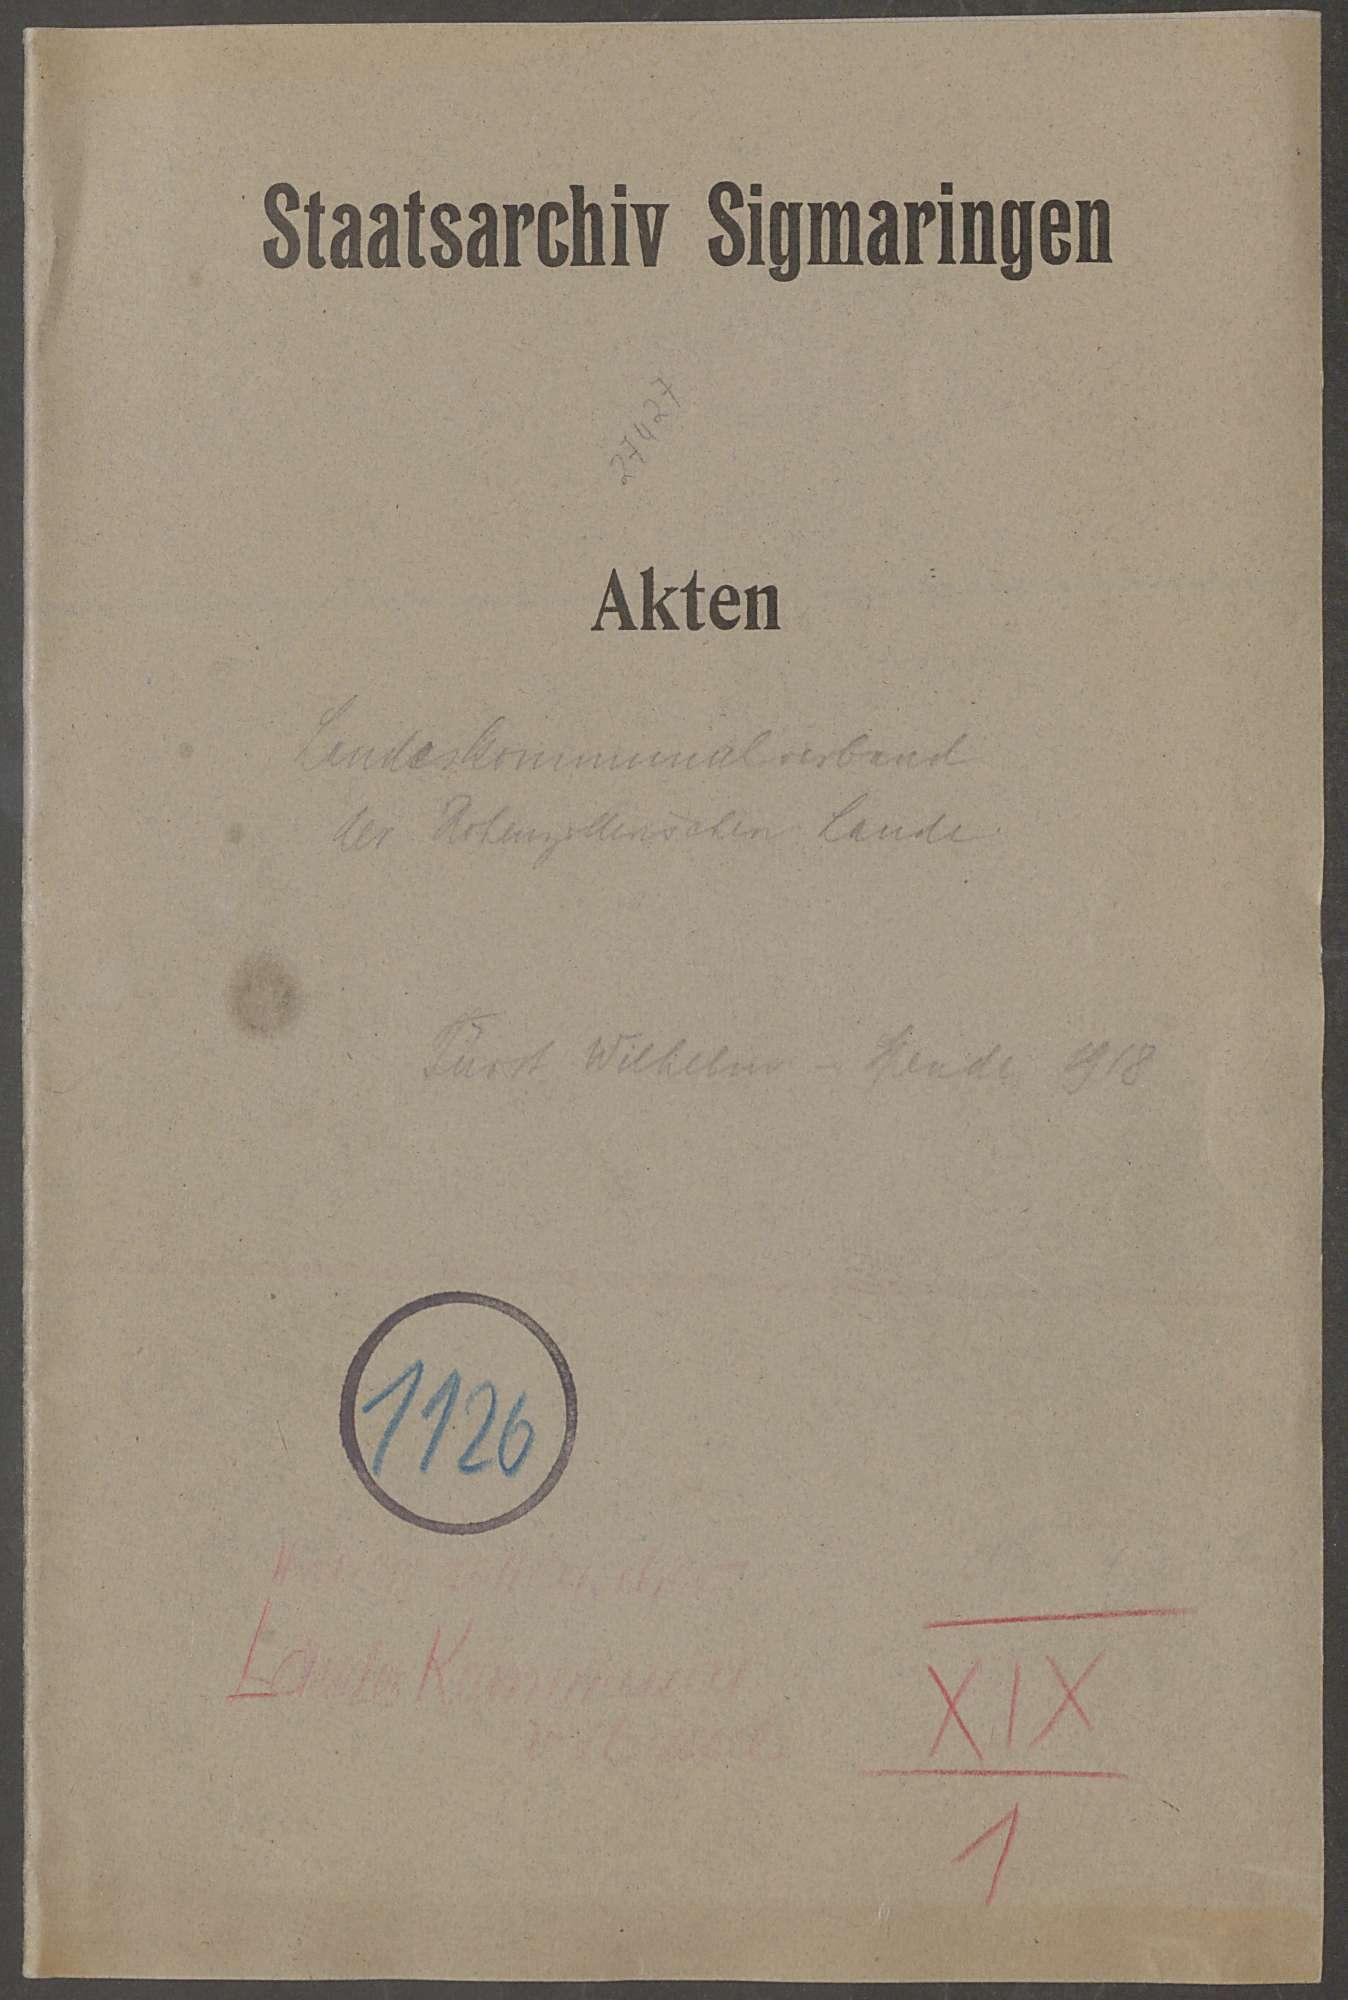 Fürst Wilhelm-Spende zu Gunsten der durch den Krieg Geschädigten - Bd. 1, Bild 1